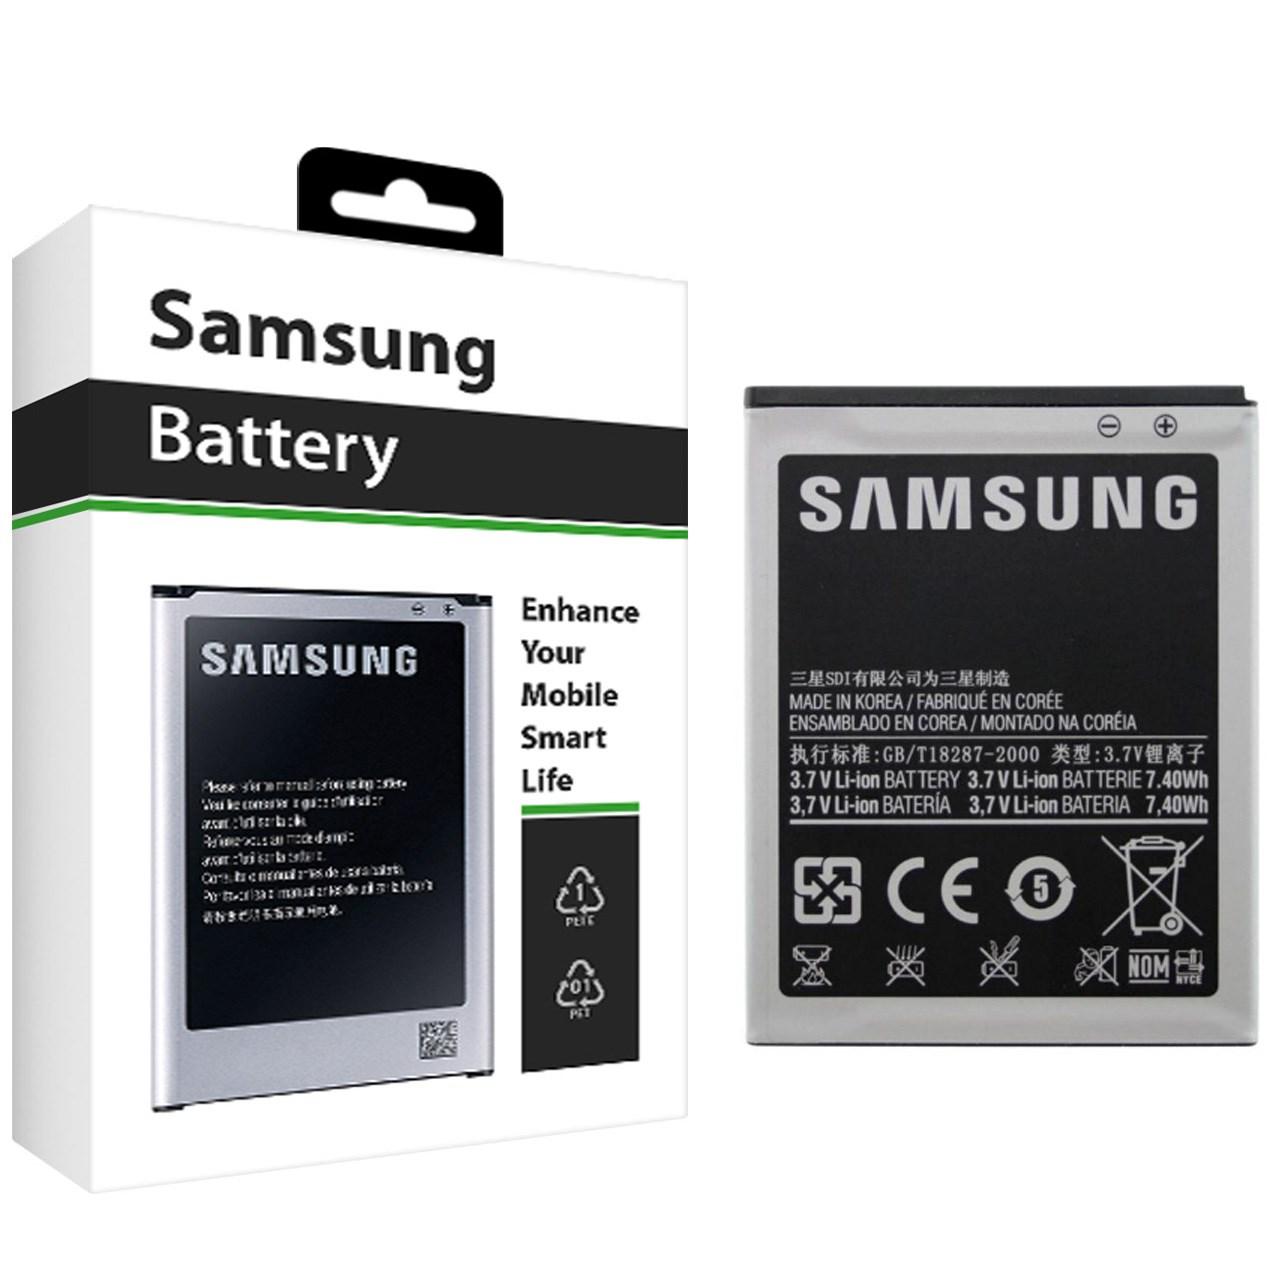 باتری موبایل سامسونگ مدل EB535151VU با ظرفیت 1500mAh مناسب برای گوشی موبایل سامسونگ Galaxy S